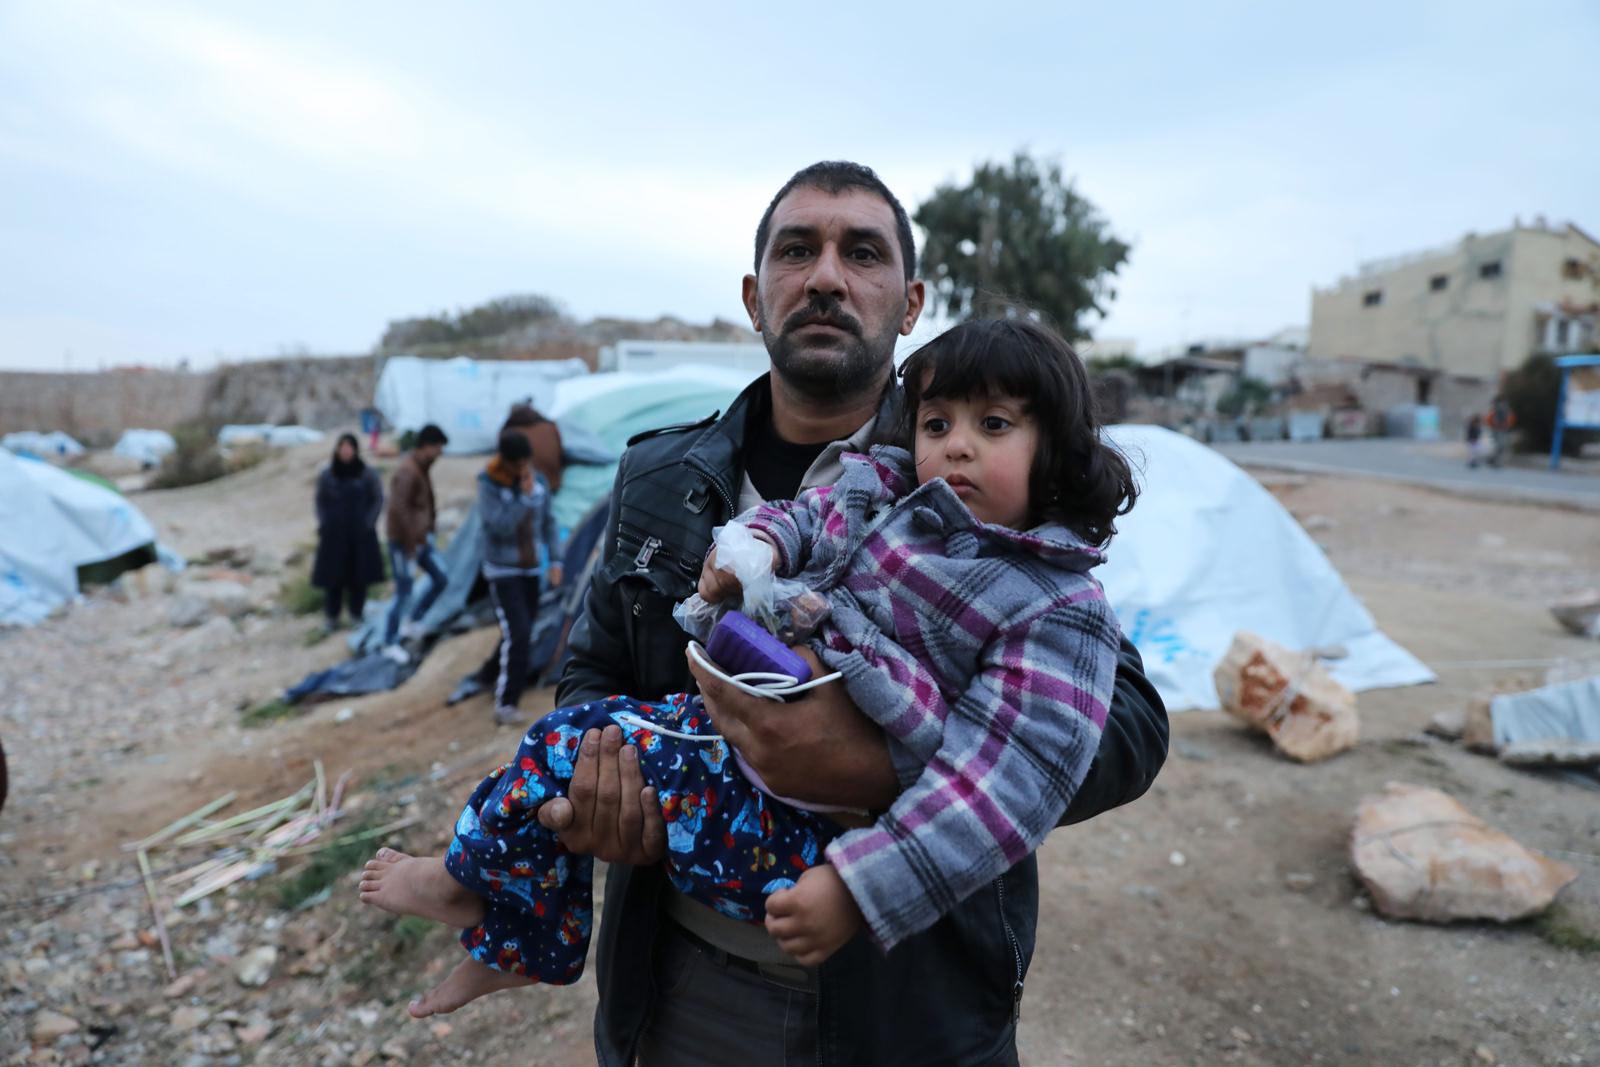 Mann mit Kind in griechischem Flüchtlingscamp